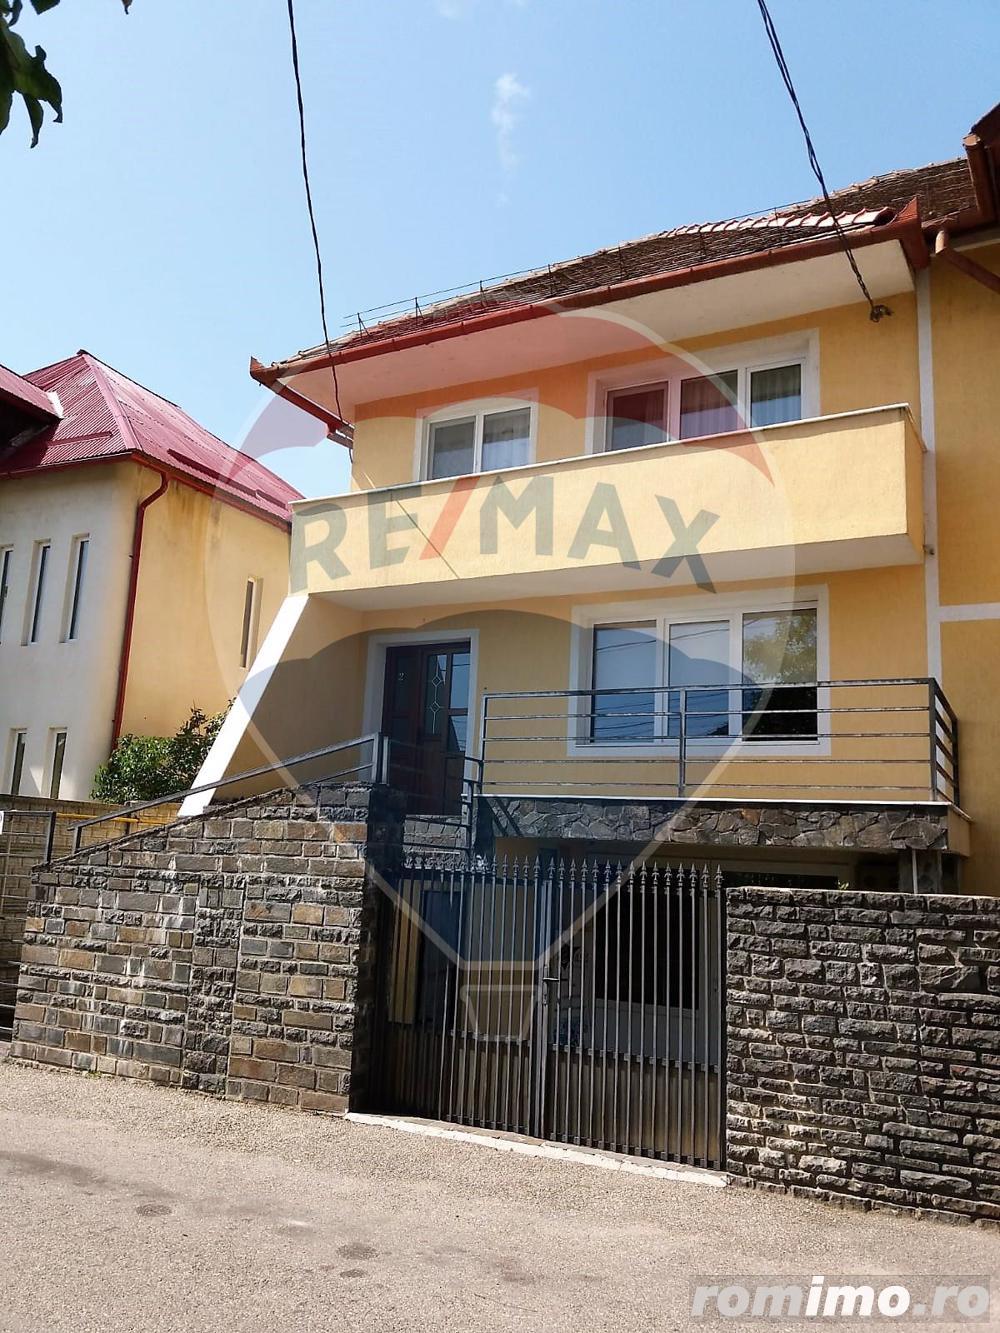 Casă / Vilă cu 4 camere de închiriat în zona Vasile Alecsandri